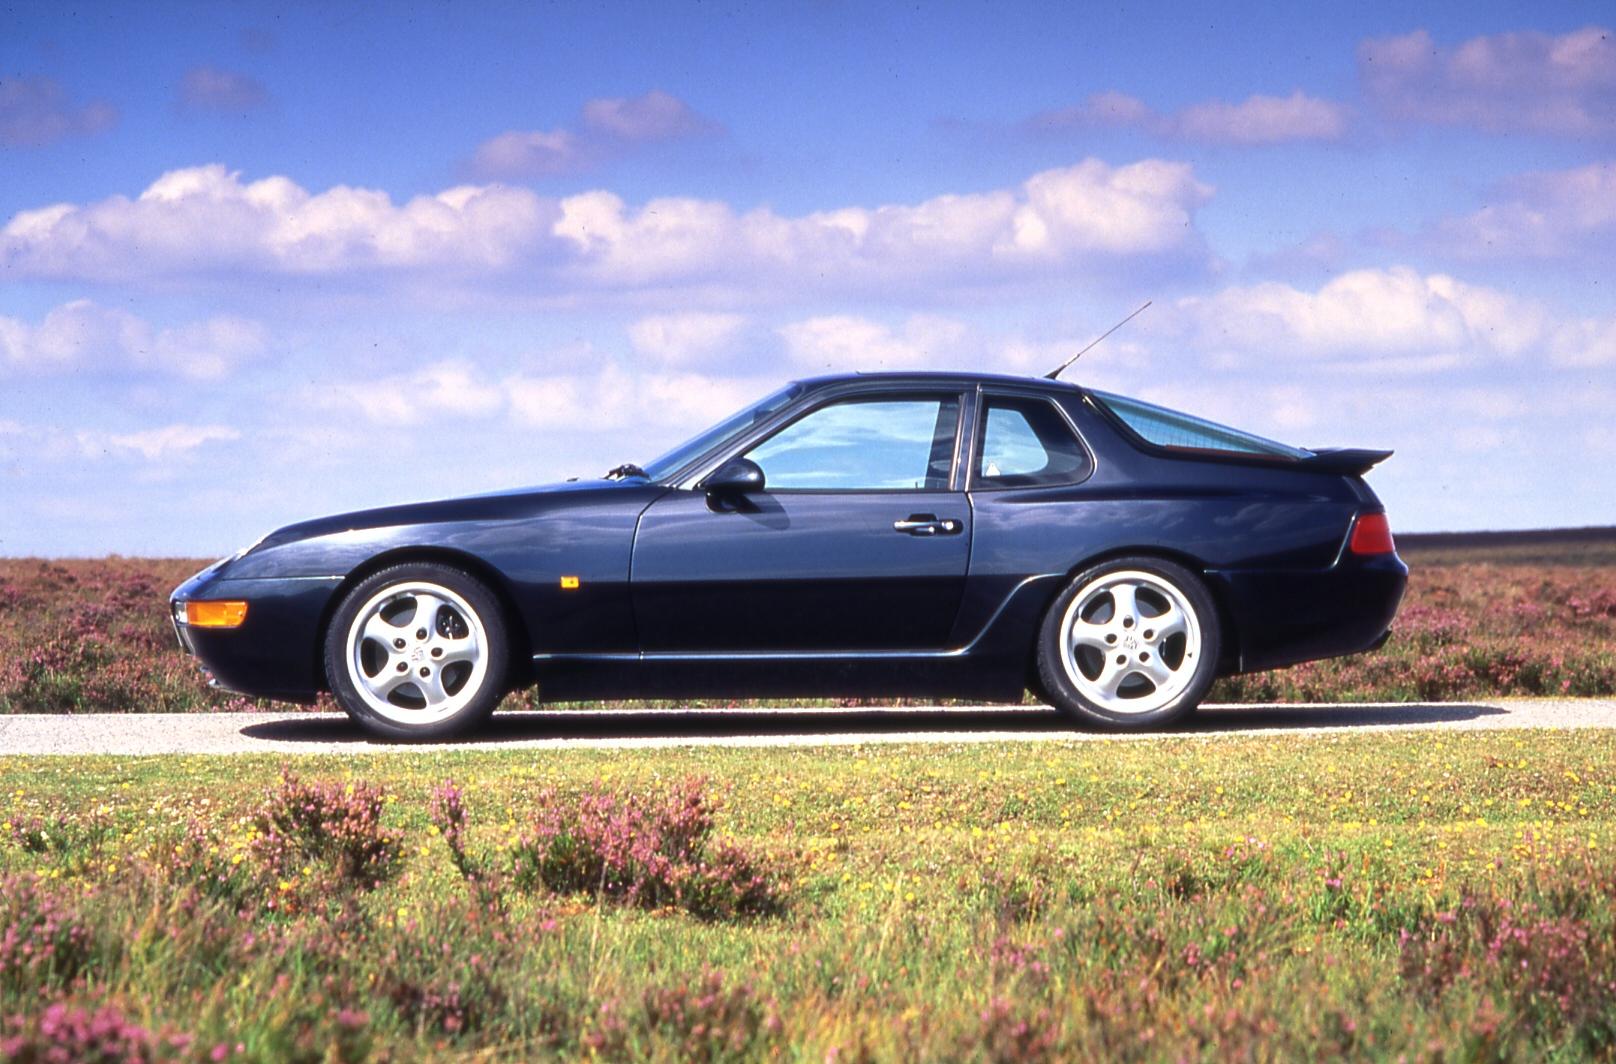 Cette 968 recevait un 4 cylindres 2.5l. Porsche reviendra à ce type d'architecture pour les remplaçantes du Boxster et du Cayman